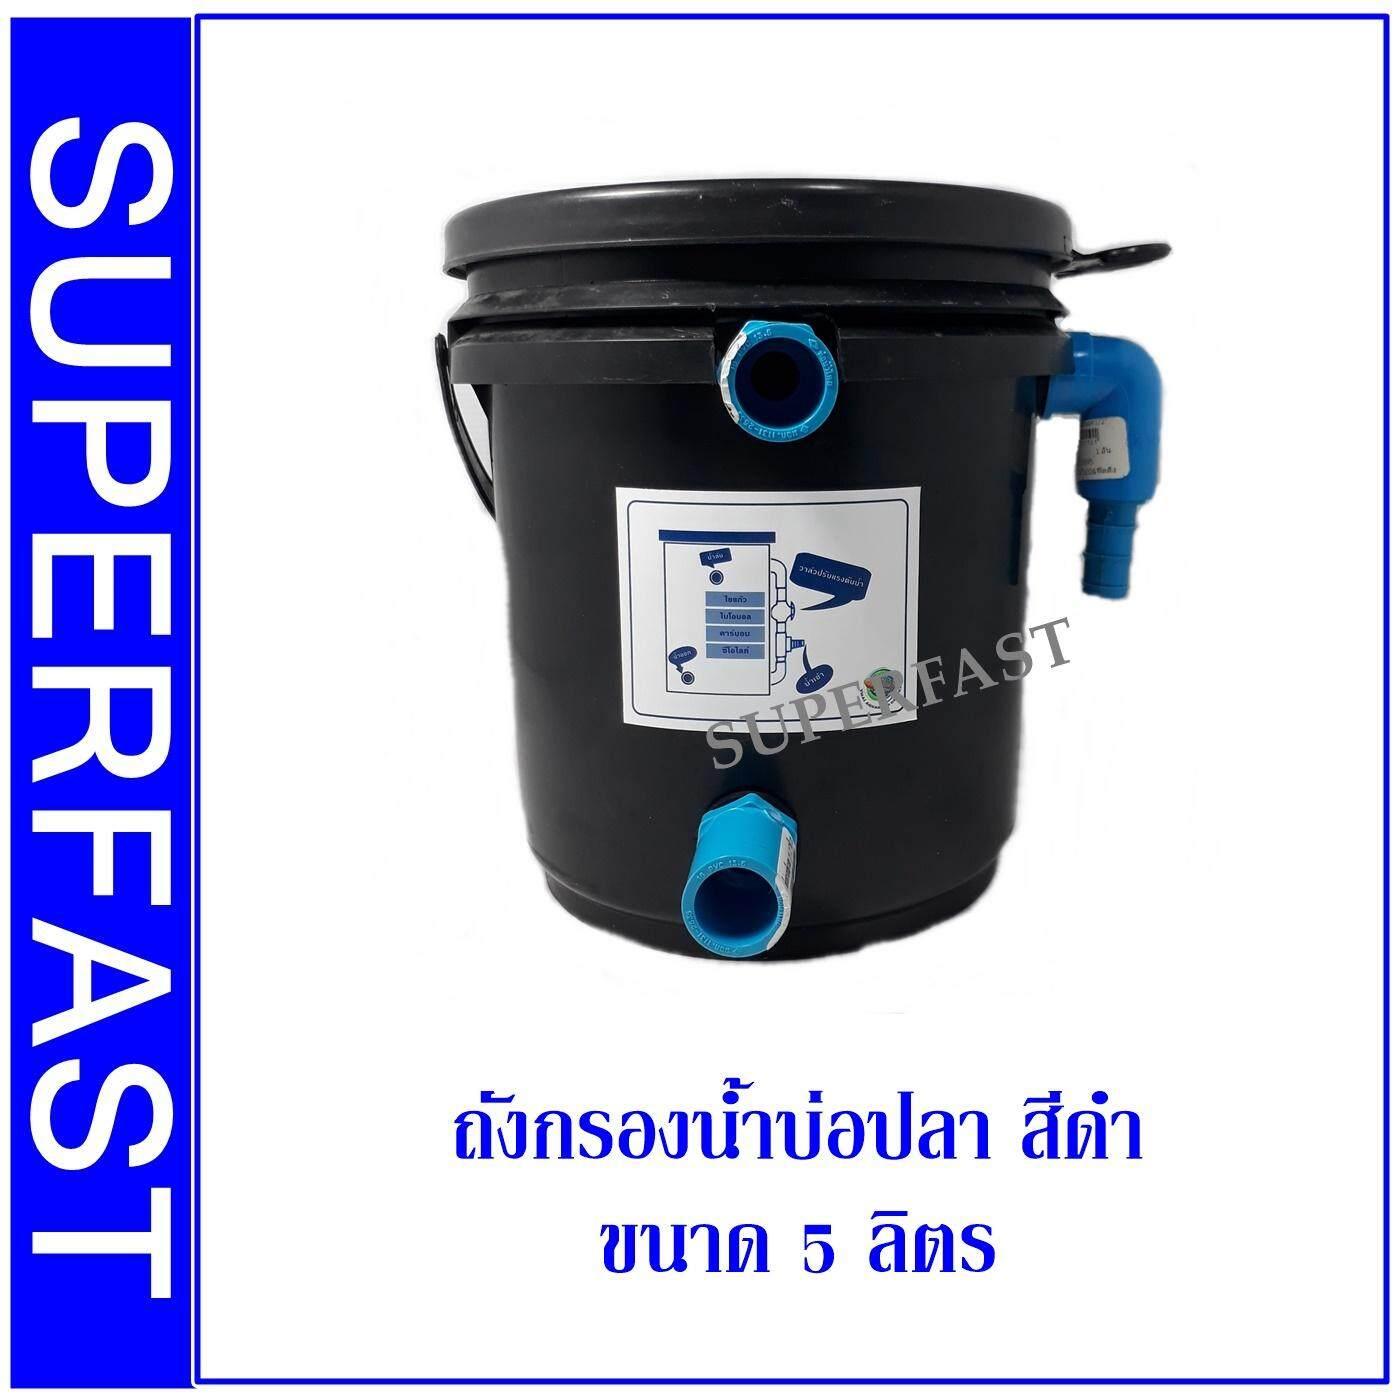 ถังกรองน้ำบ่อปลา สีดำ ขนาด 5 ลิตร ถังกรองน้ำ (เฉพาะถัง ไม่มีปั๊มและวัสดุกรอง)